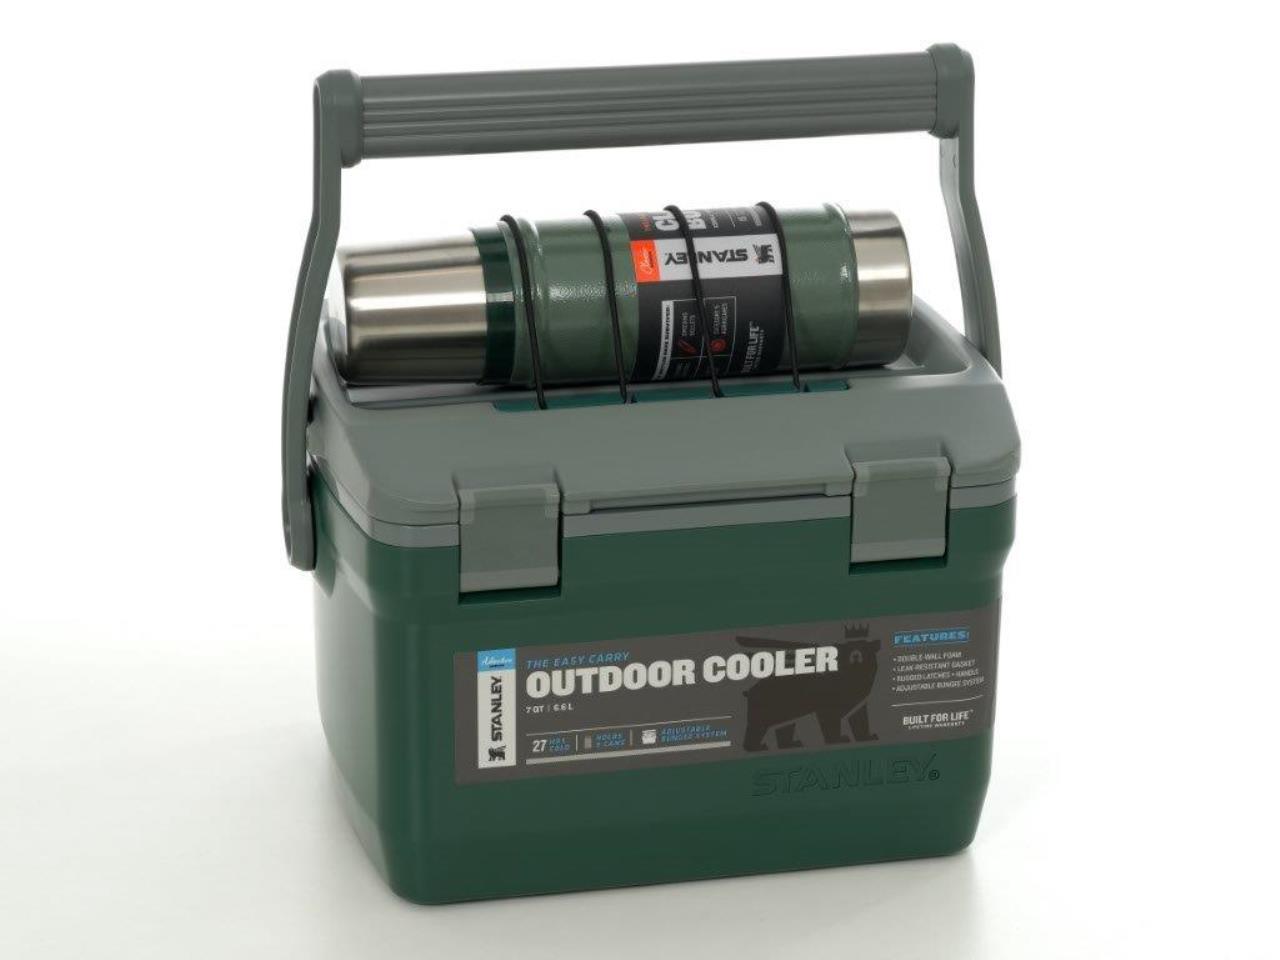 Stanley Combo Cooler outdoor 6.6L